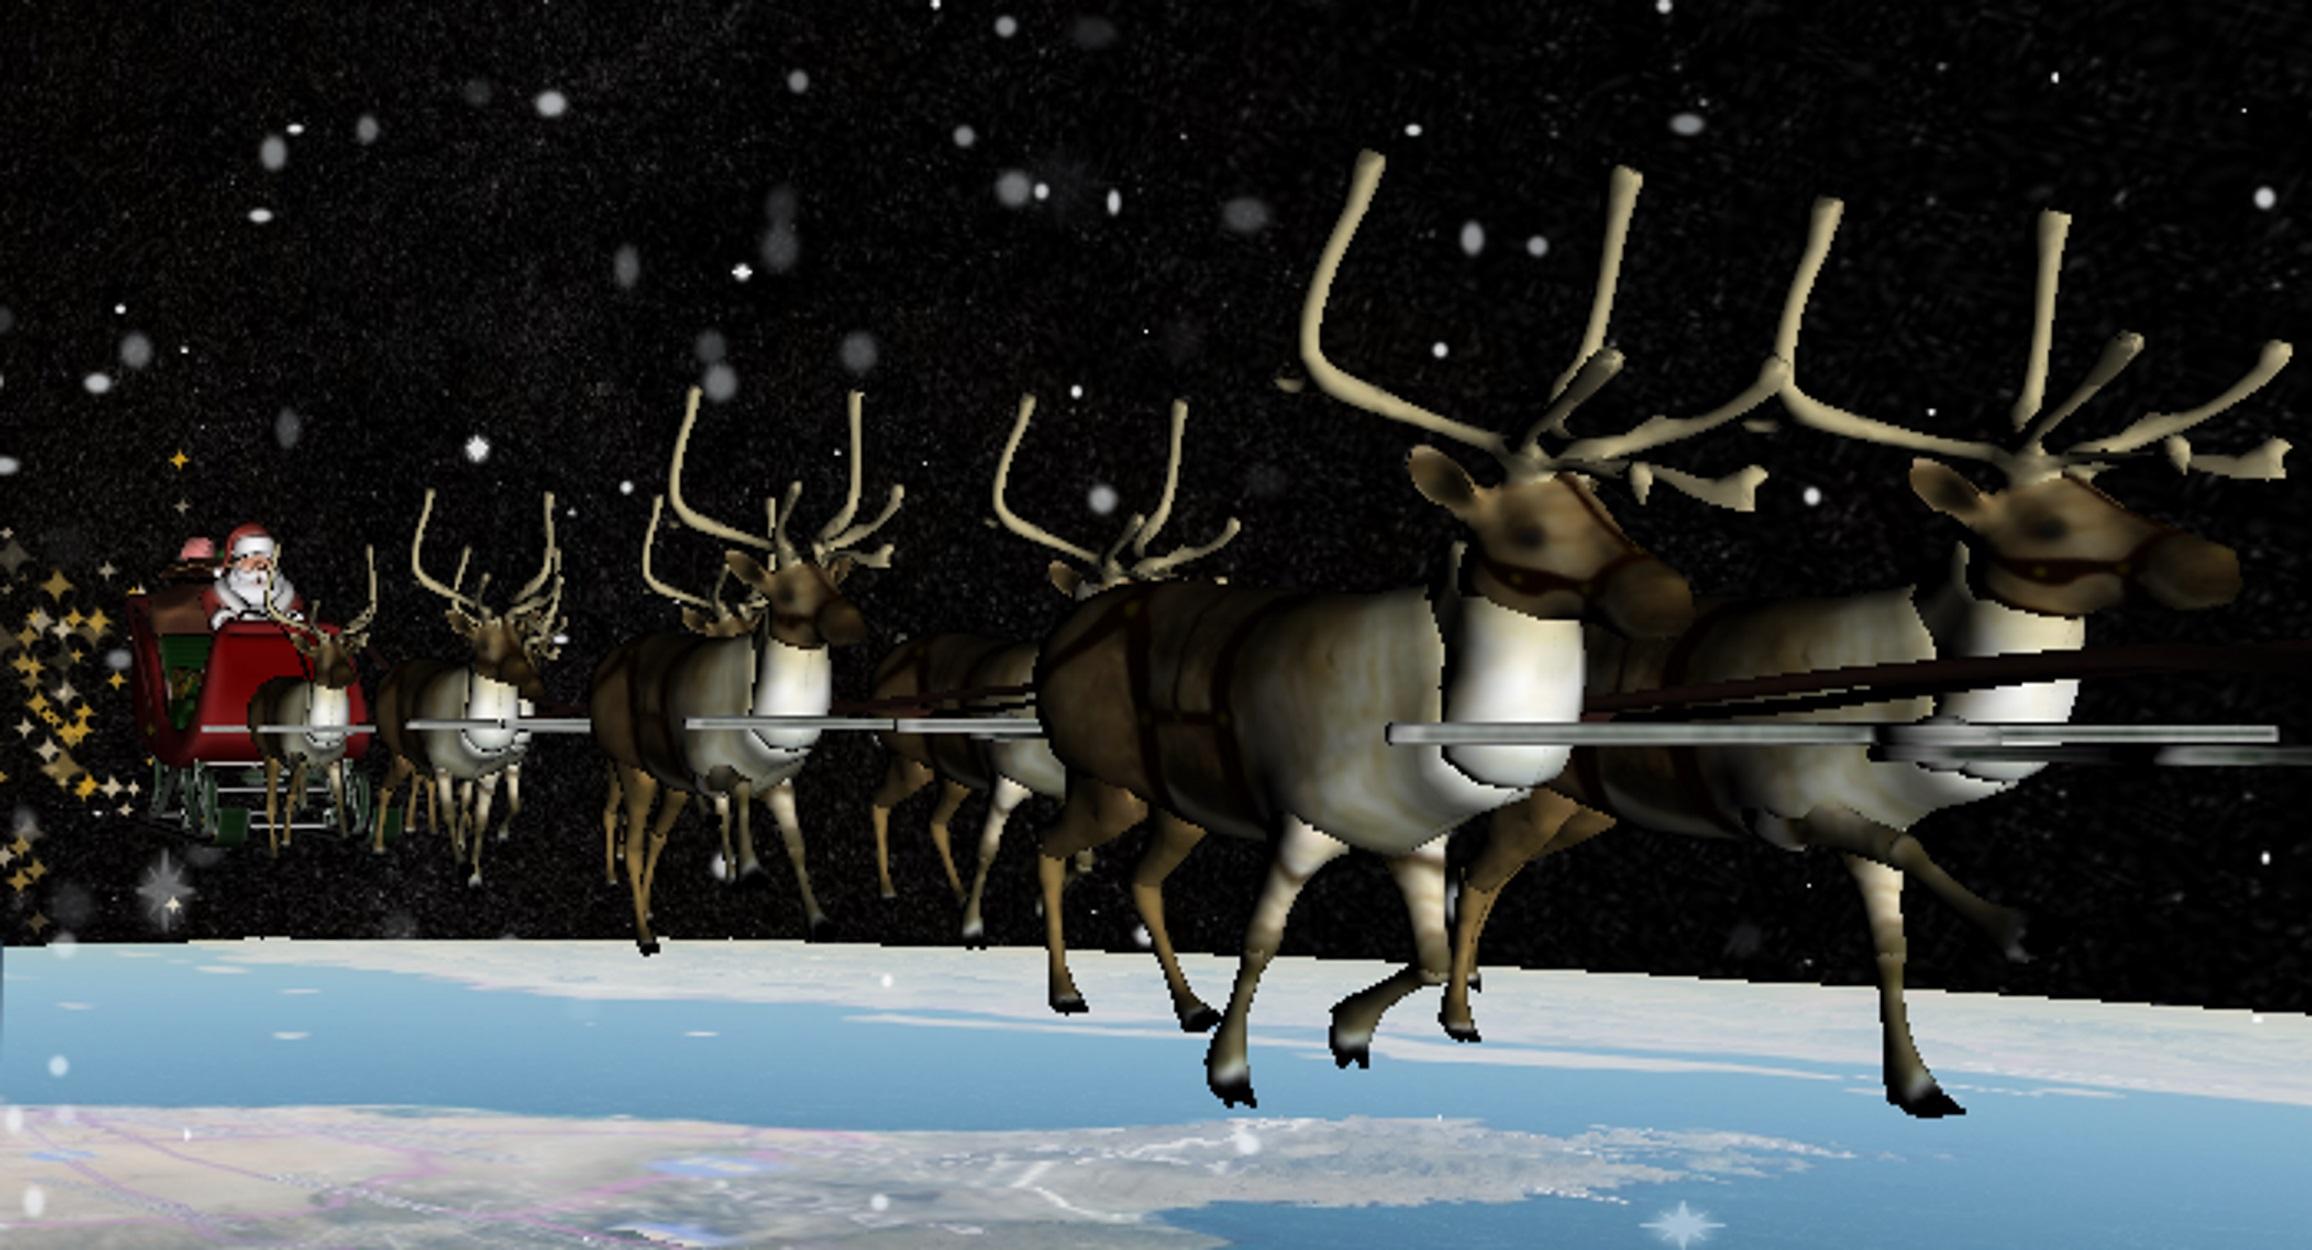 Αστροναύτες βοηθούν να παρακολουθούμε LIVE το ταξίδι του Άγιου Βασίλη